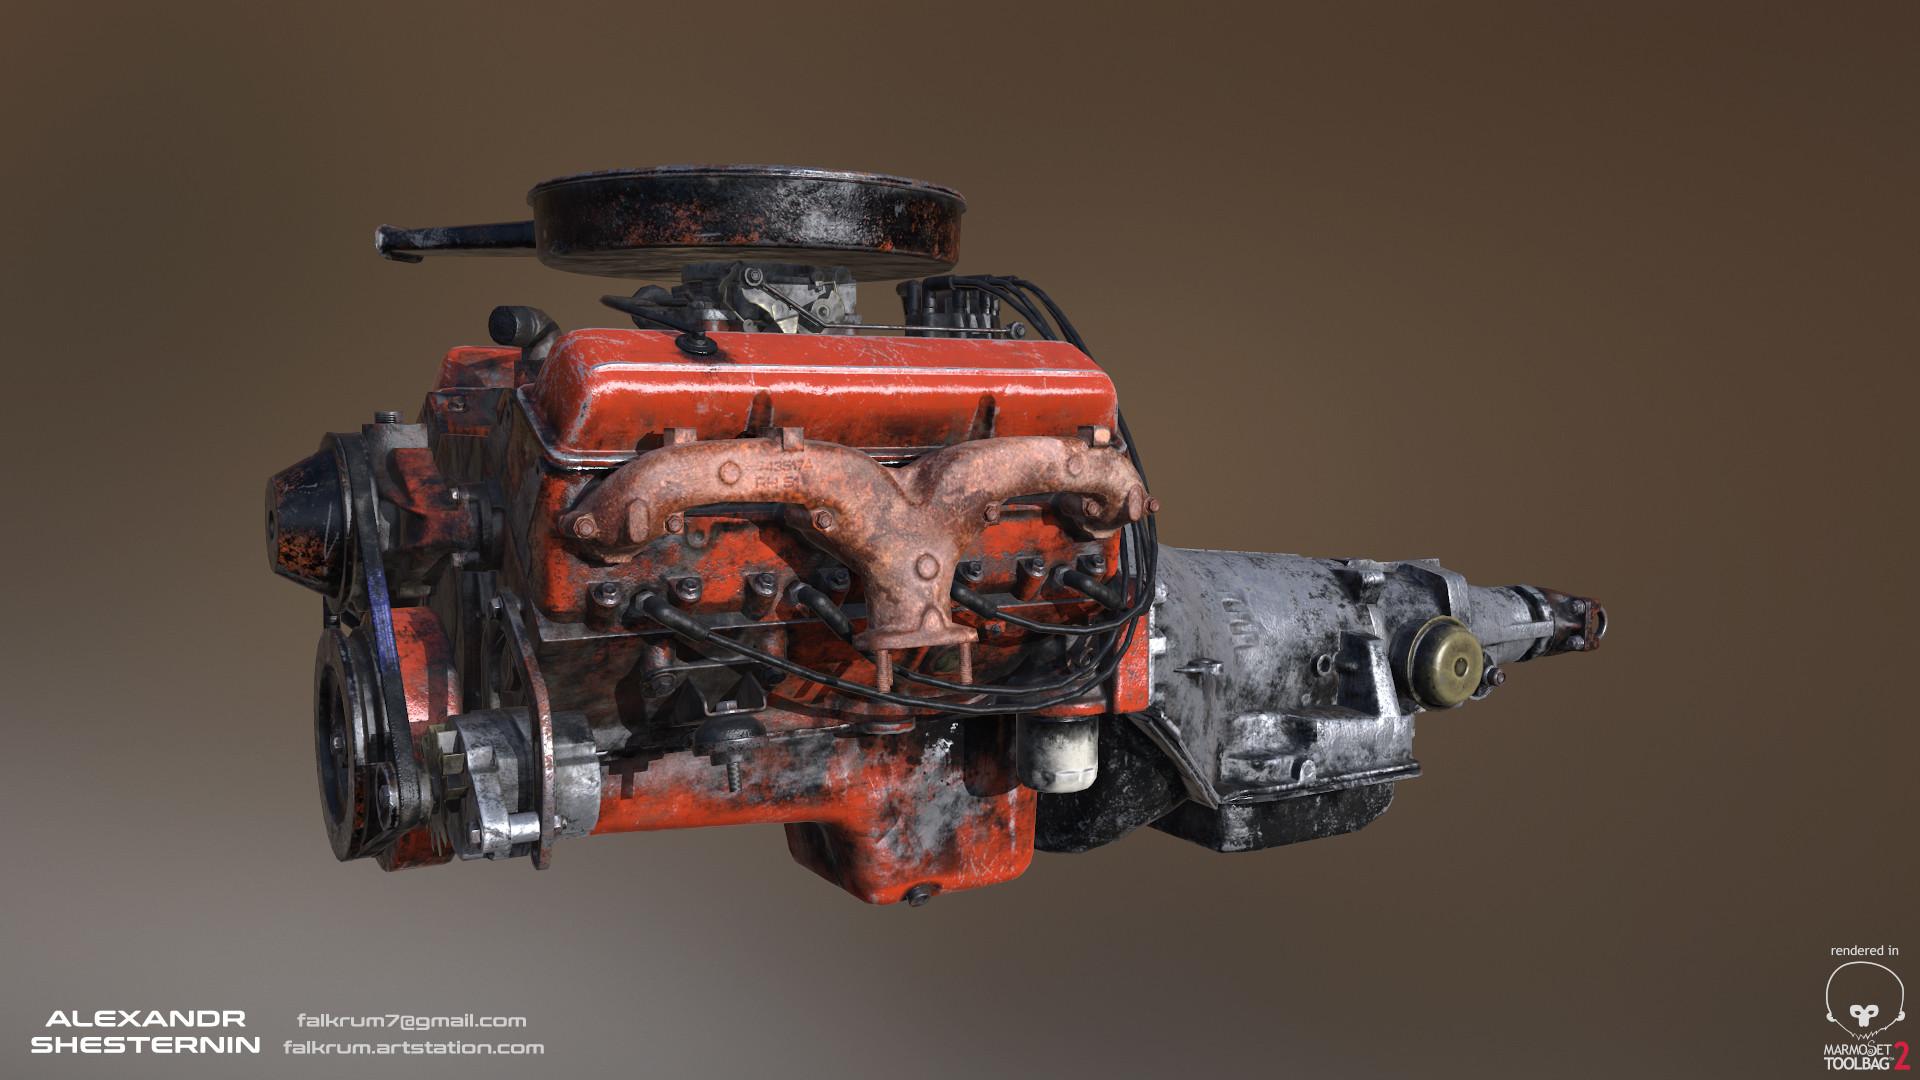 Alexandr shesternin engine01